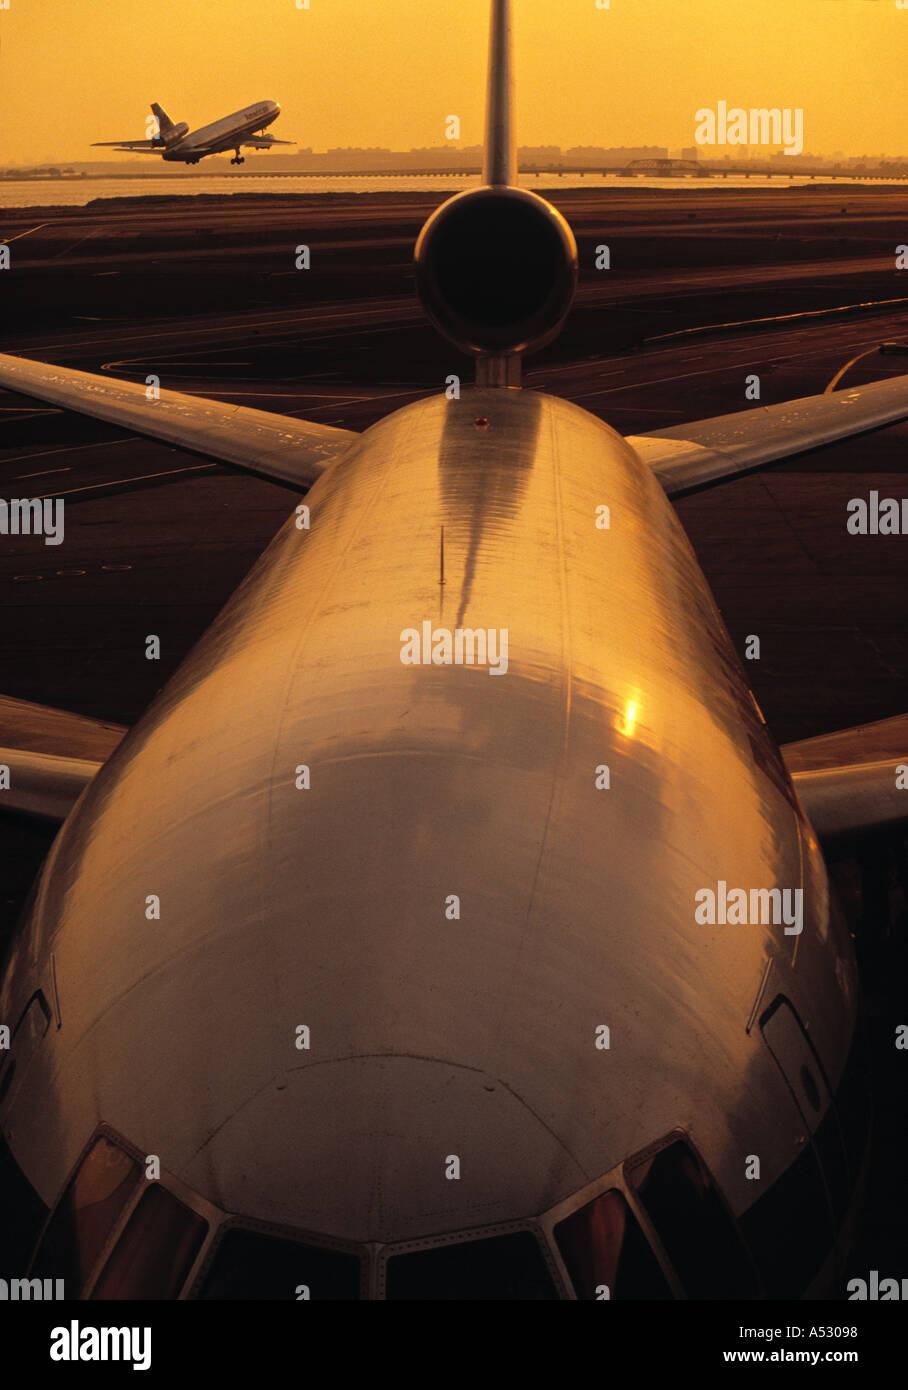 JFK Airport, New York, USA - Stock Image